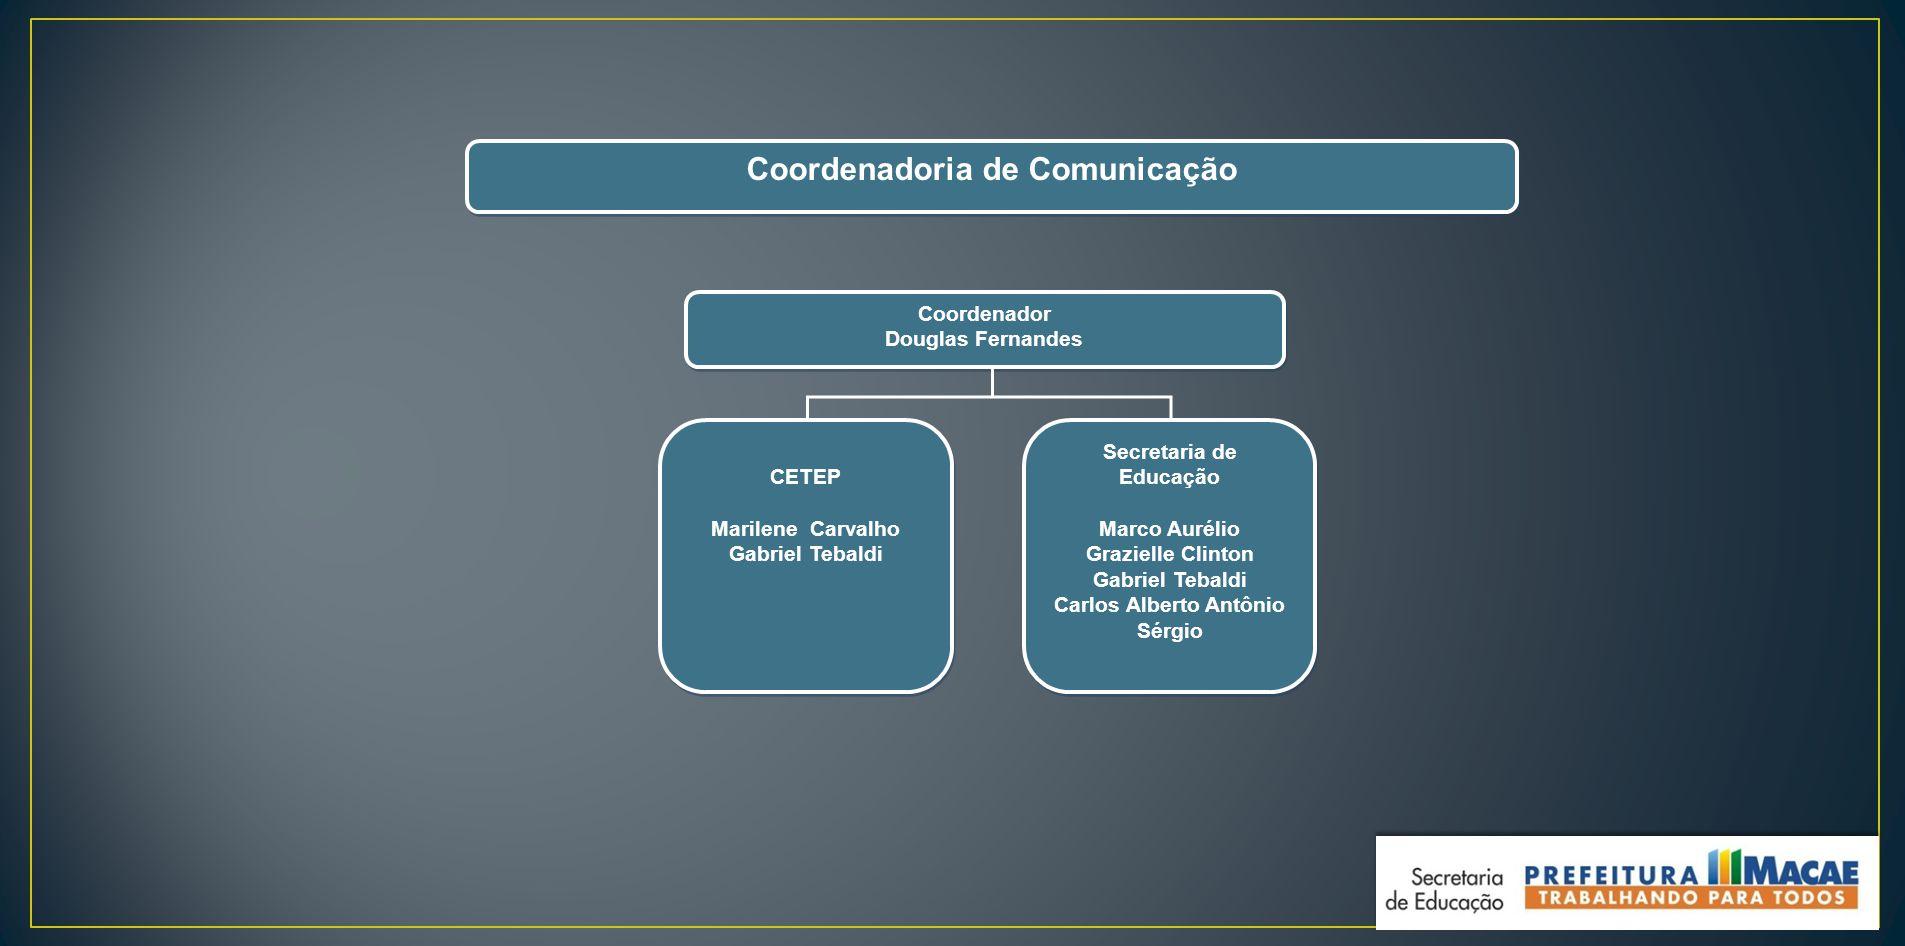 Coordenadoria de Comunicação Carlos Alberto Antônio Sérgio